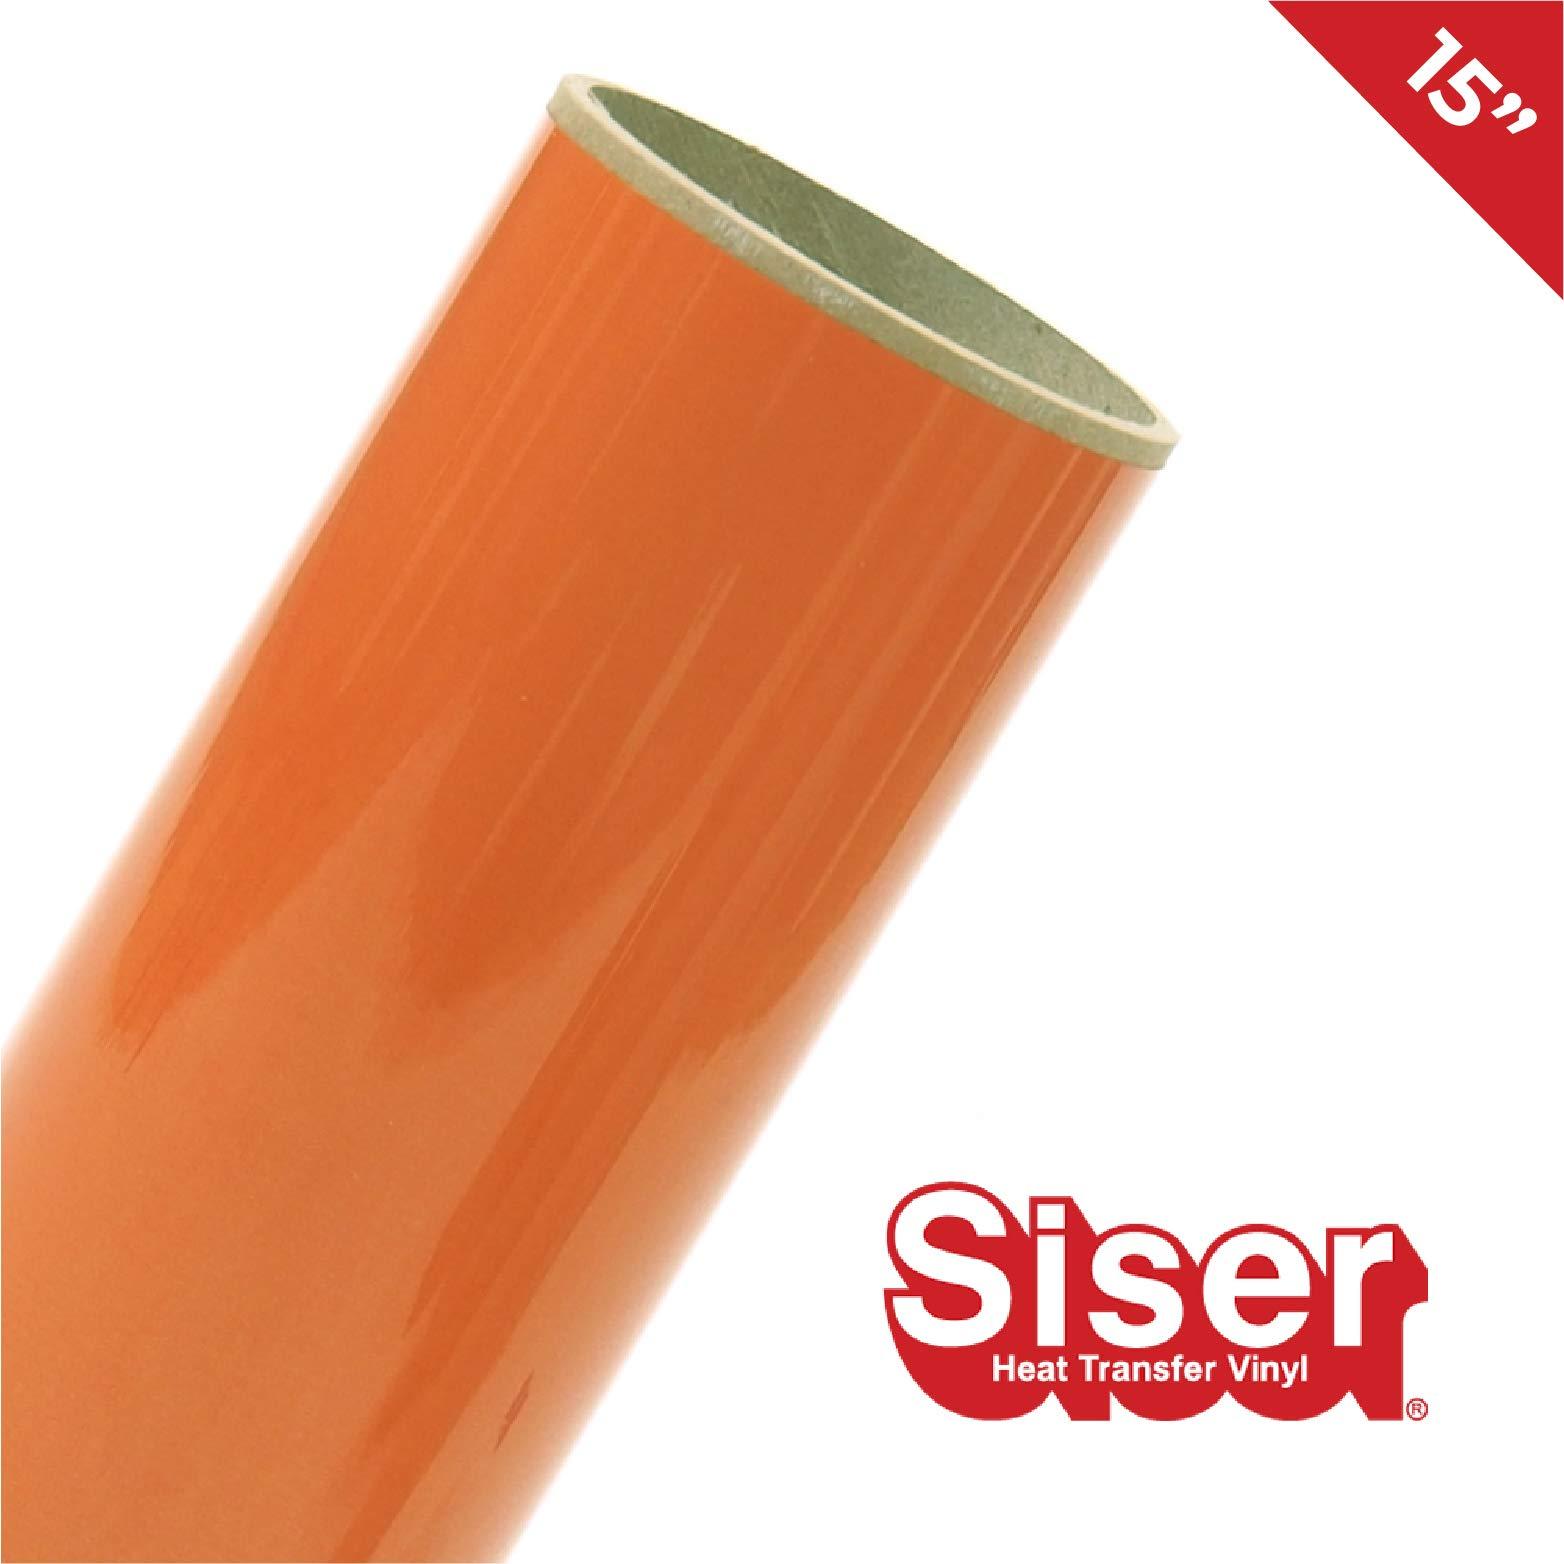 Siser EasyWeed HTV 15'' x 20ft Roll - Iron on Heat Transfer Vinyl (Orange) by SISER